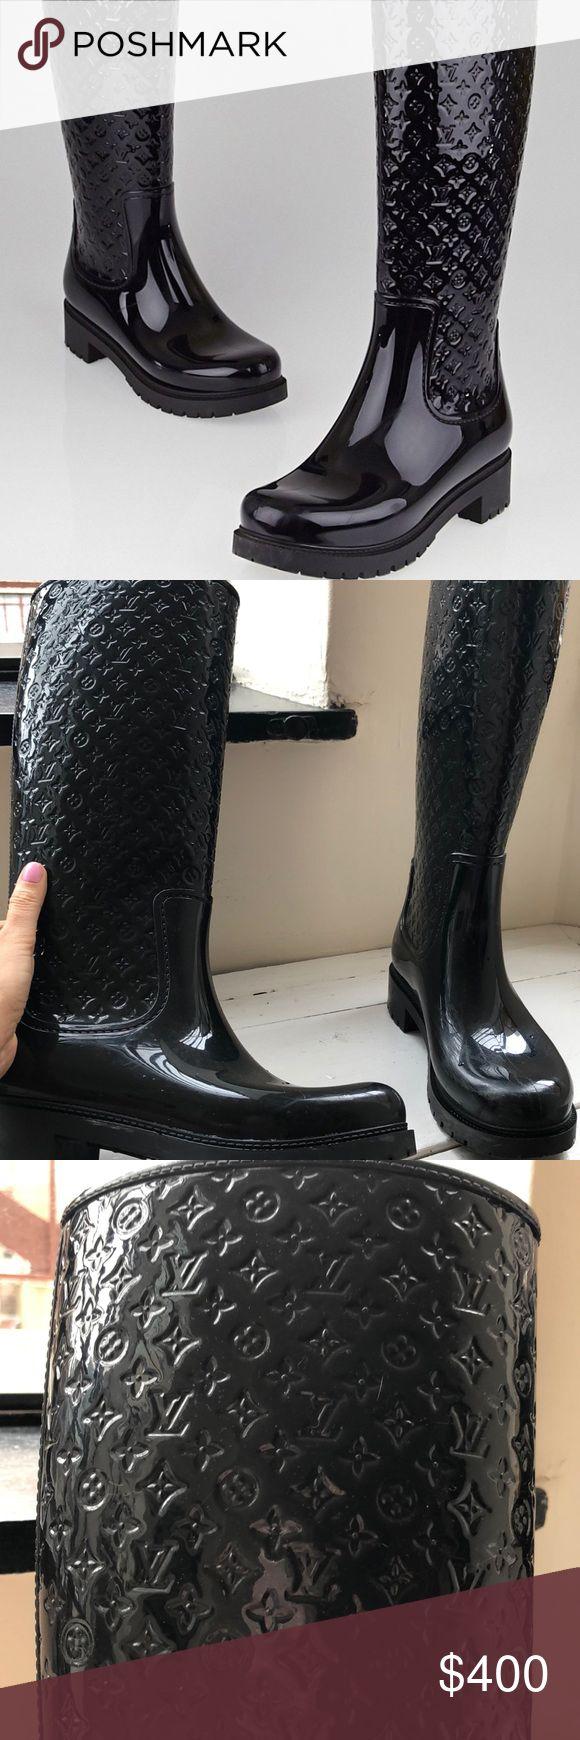 644179bfef8 Louis Vuitton Black Monogram Rain Boots Louis Vuitton Black Monogram Rubber  Splash Rain Boots Size 8 38 - used Louis Vuitton Shoes Winter   Rain Boots